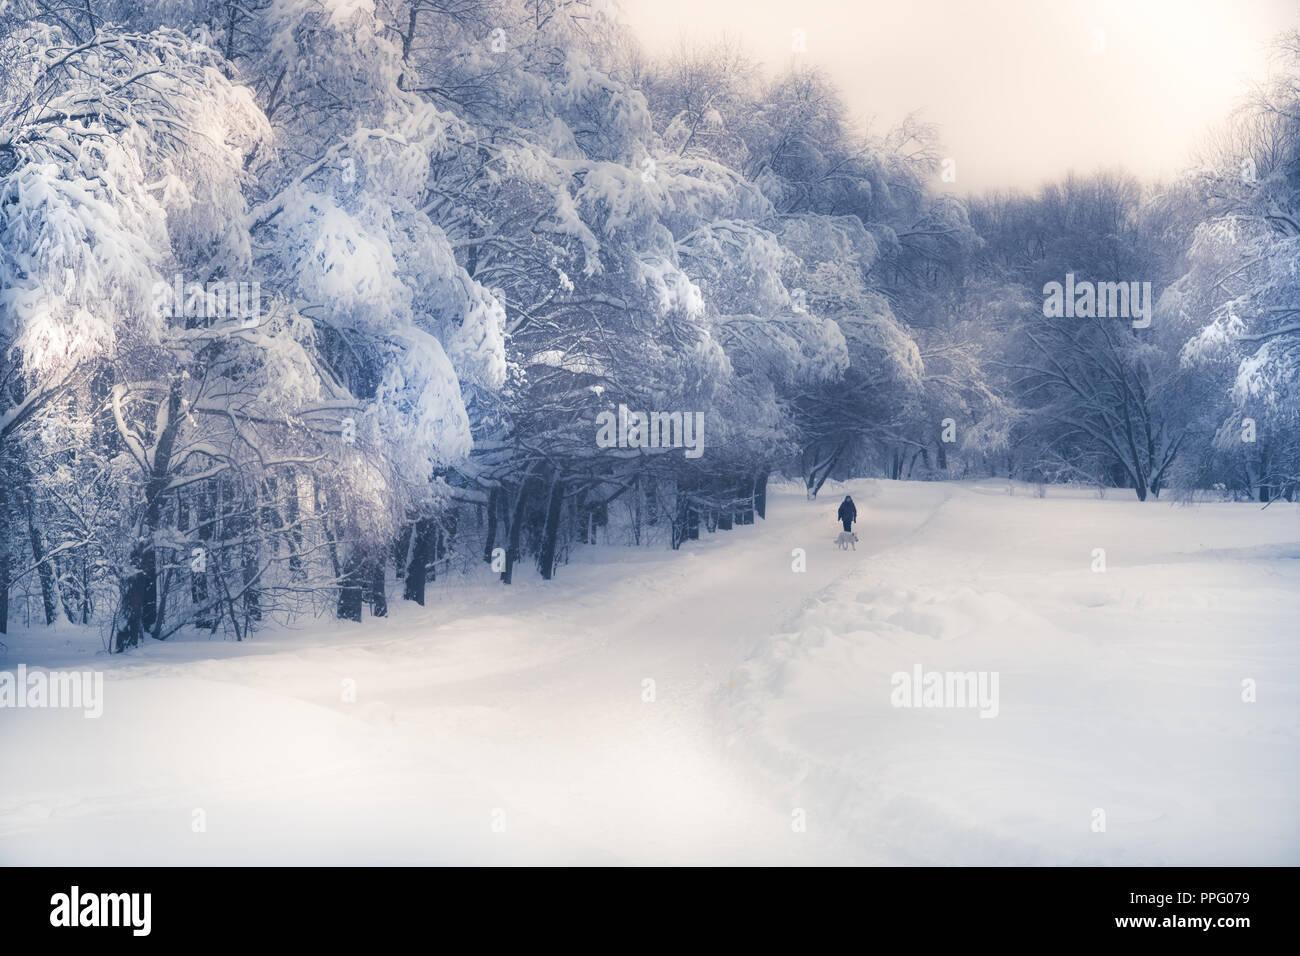 Silhouette solitarie passeggiate sulla strada innevata nella stagione invernale nella foresta del parco di alberi innevati in morbido blu colori viola Immagini Stock